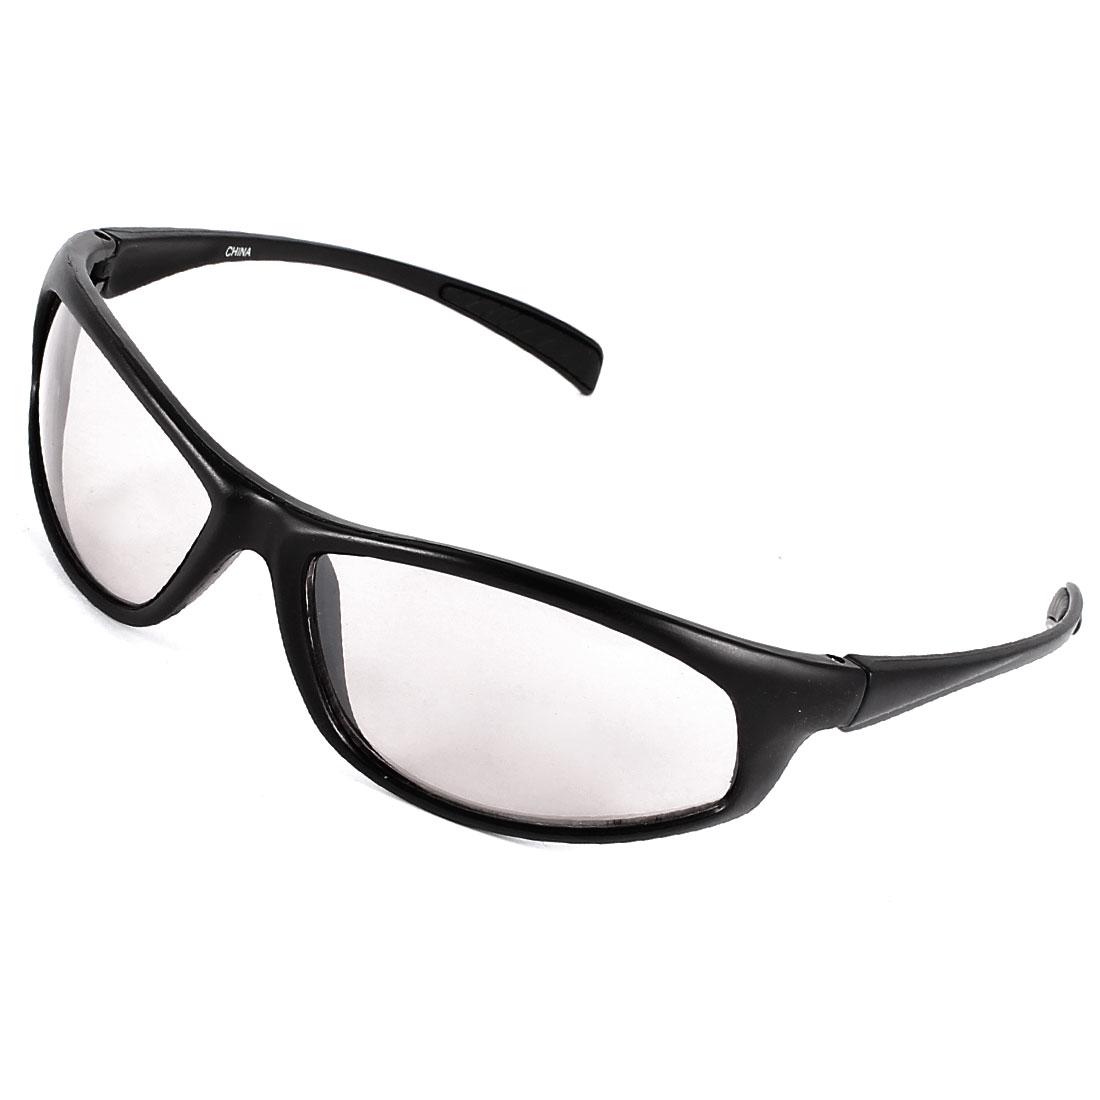 Black Plastic Full Frame Colored Lens Sunglasses Eyewear Glasses for Men